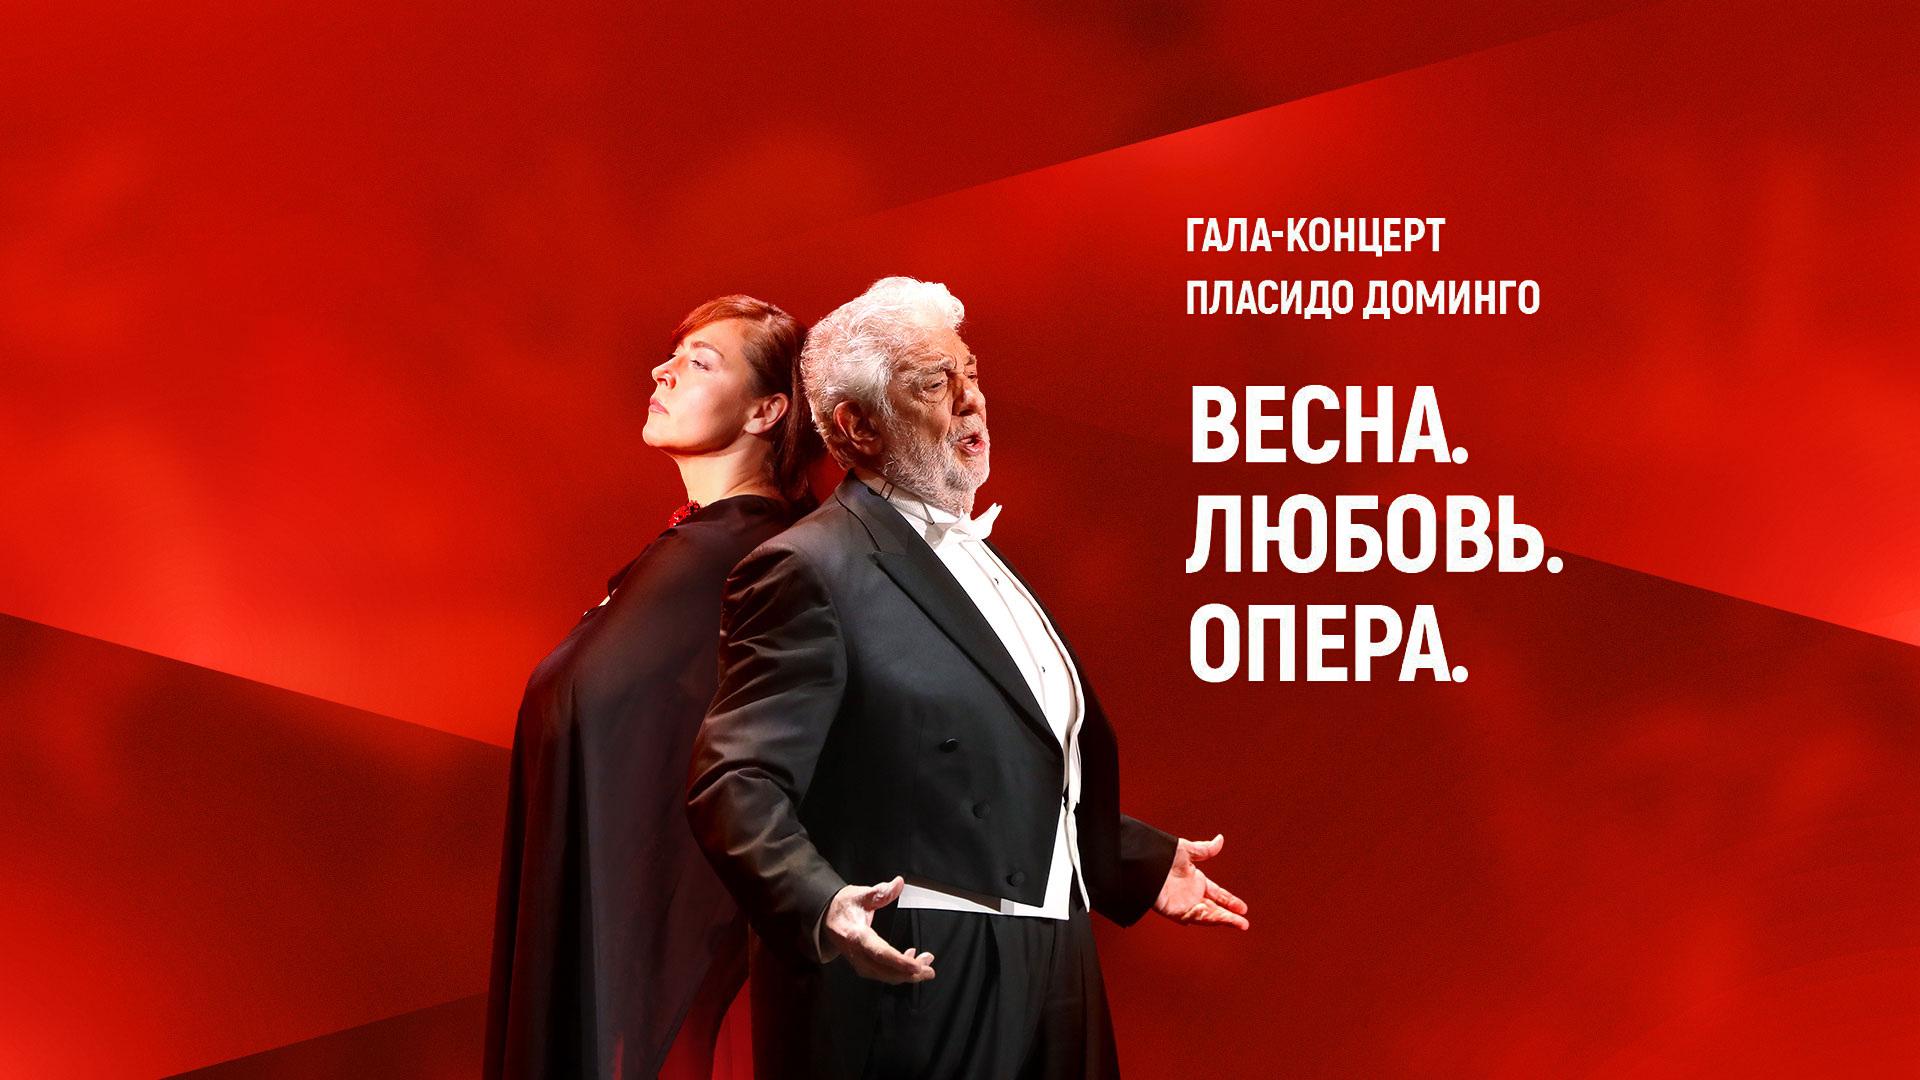 Пласидо Доминго. Гала-концерт Весна. Любовь. Опера